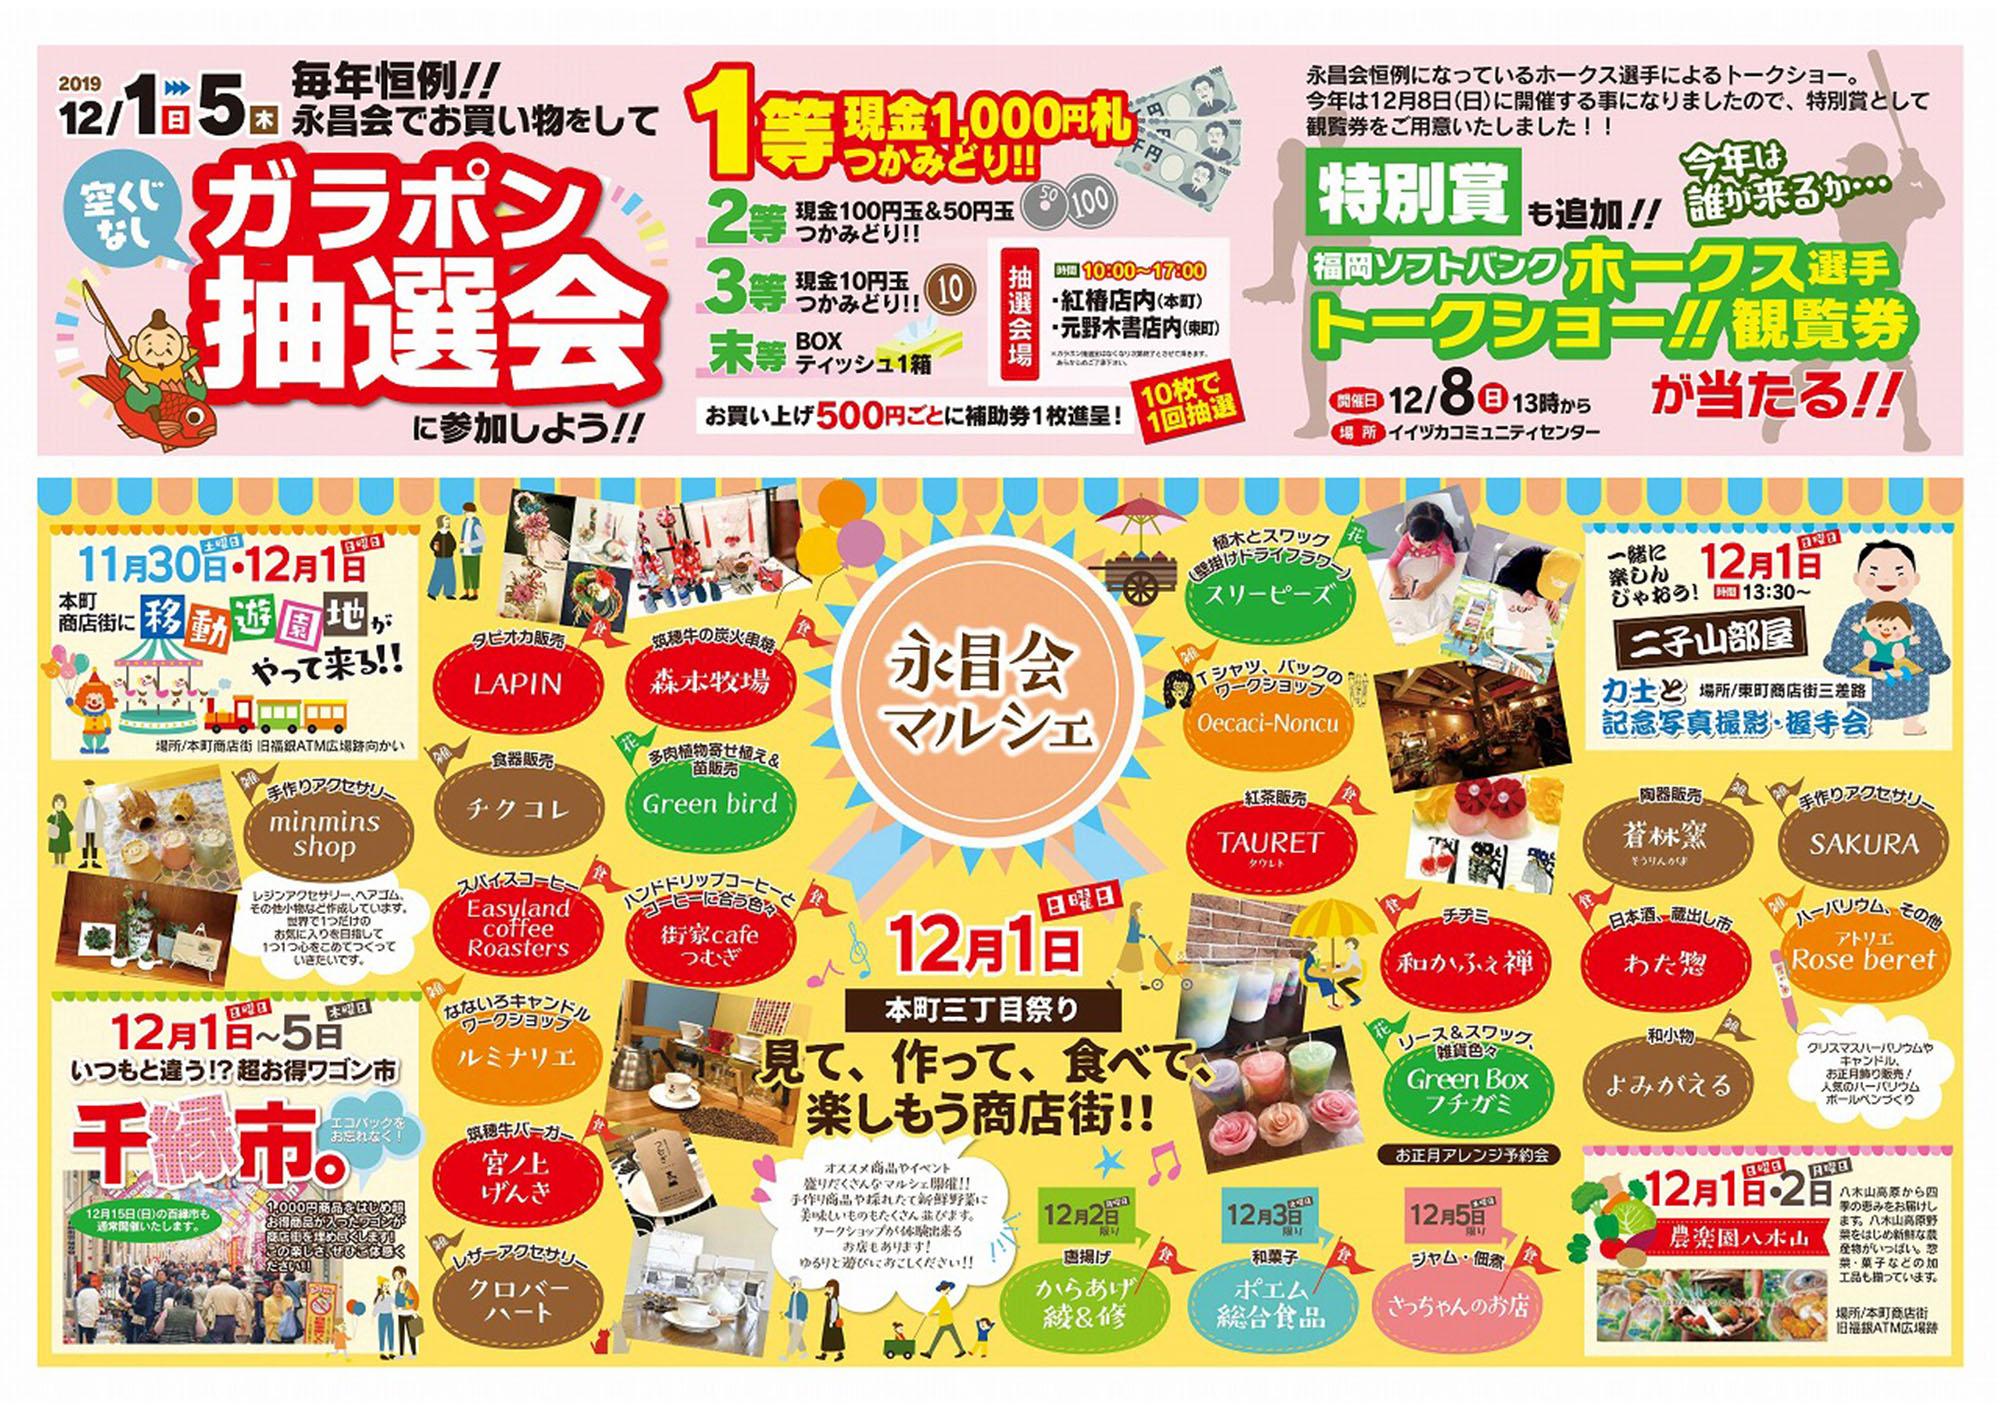 第136回 飯塚 永昌会